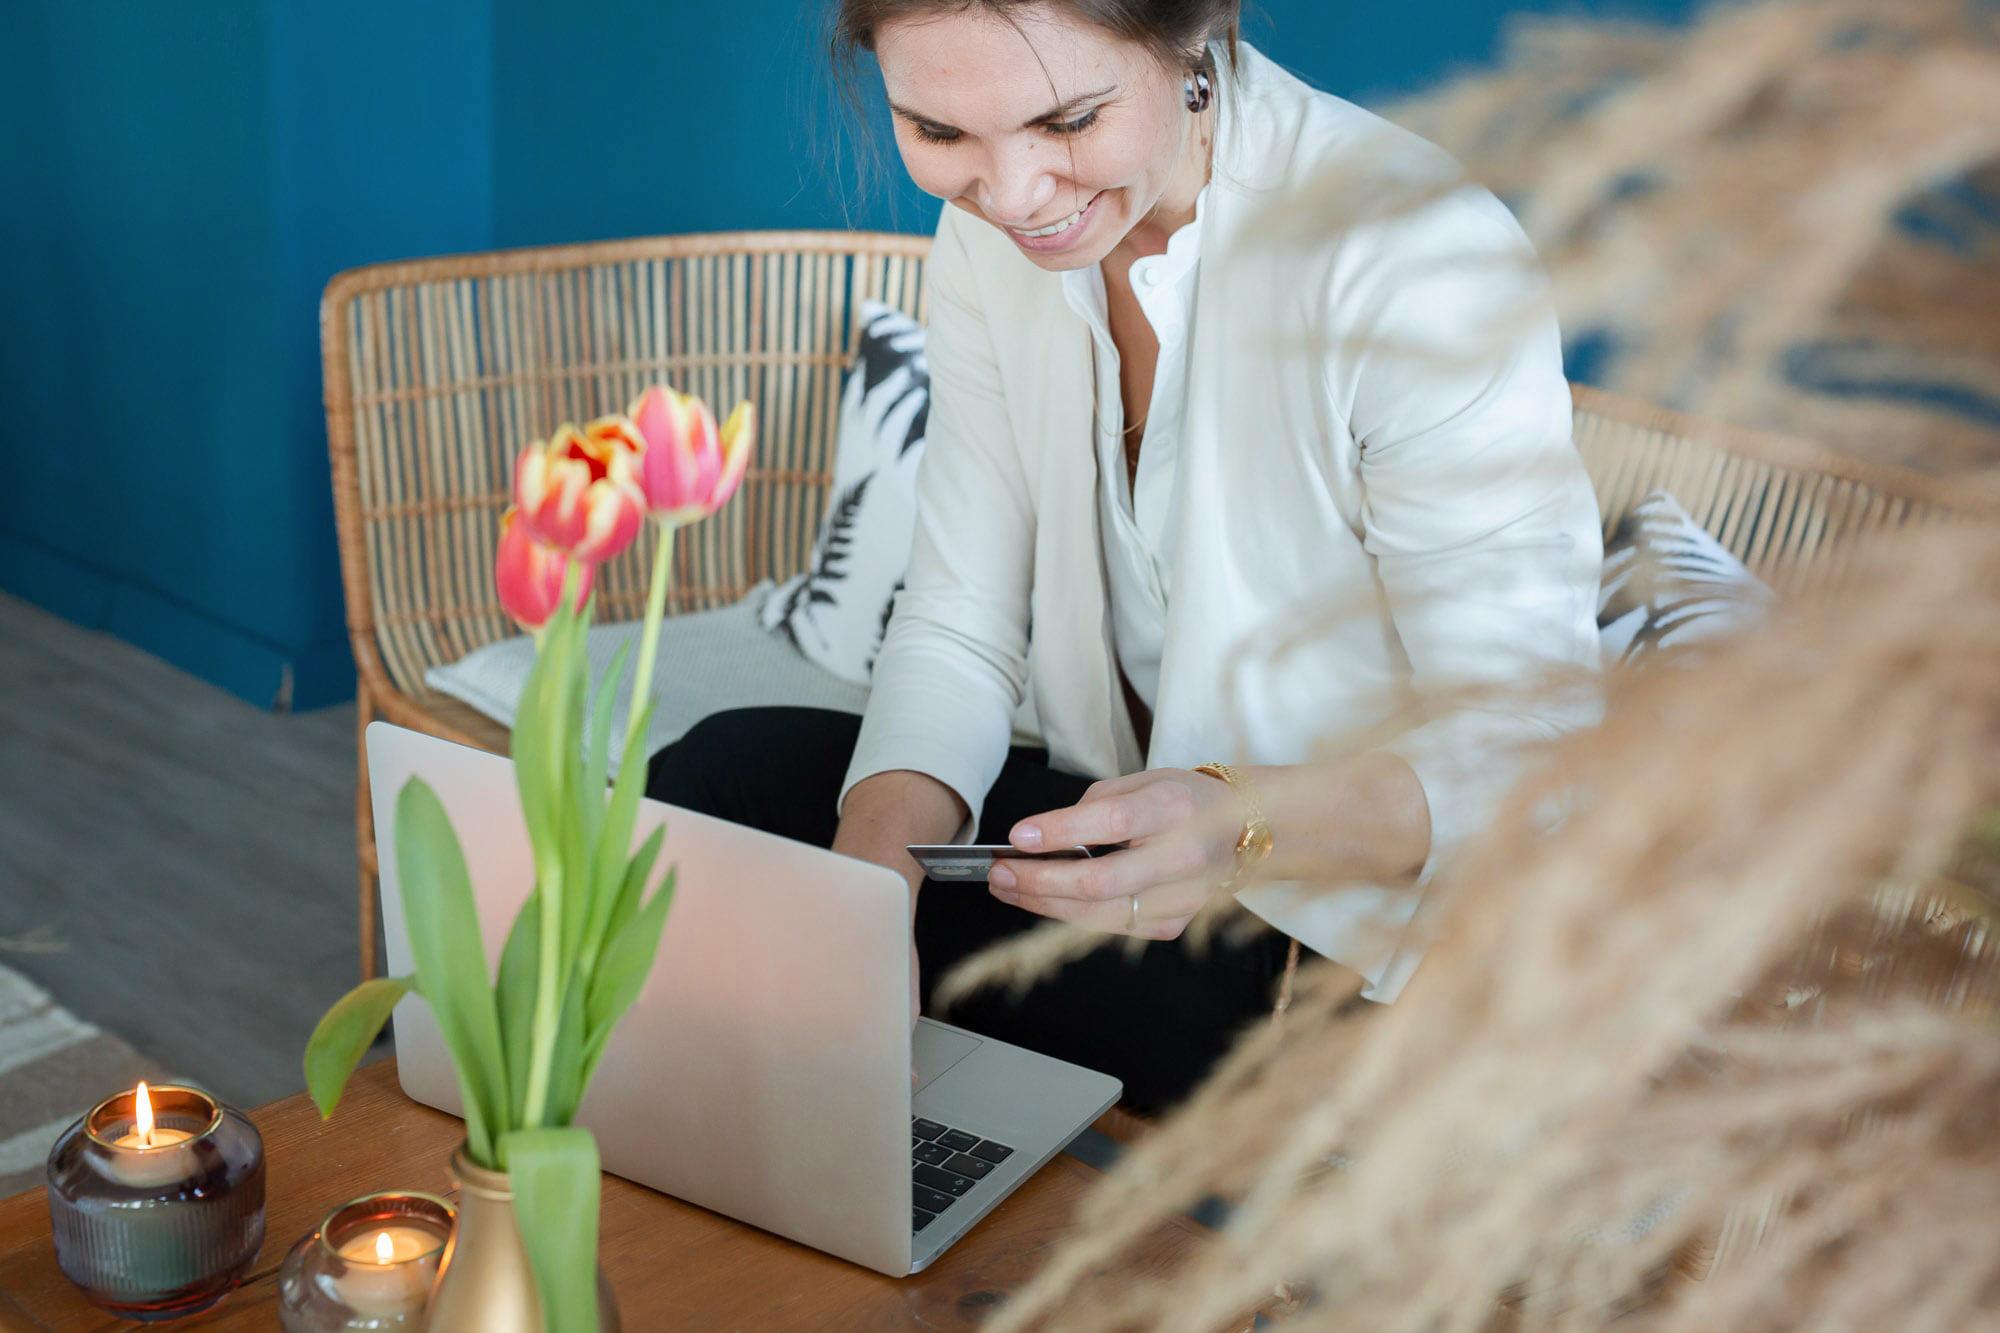 noni Brautkleid kaufen, Moodbild, Frau in Wohnzimmer bei Onlinekauf-Bezahlung mit Laptop